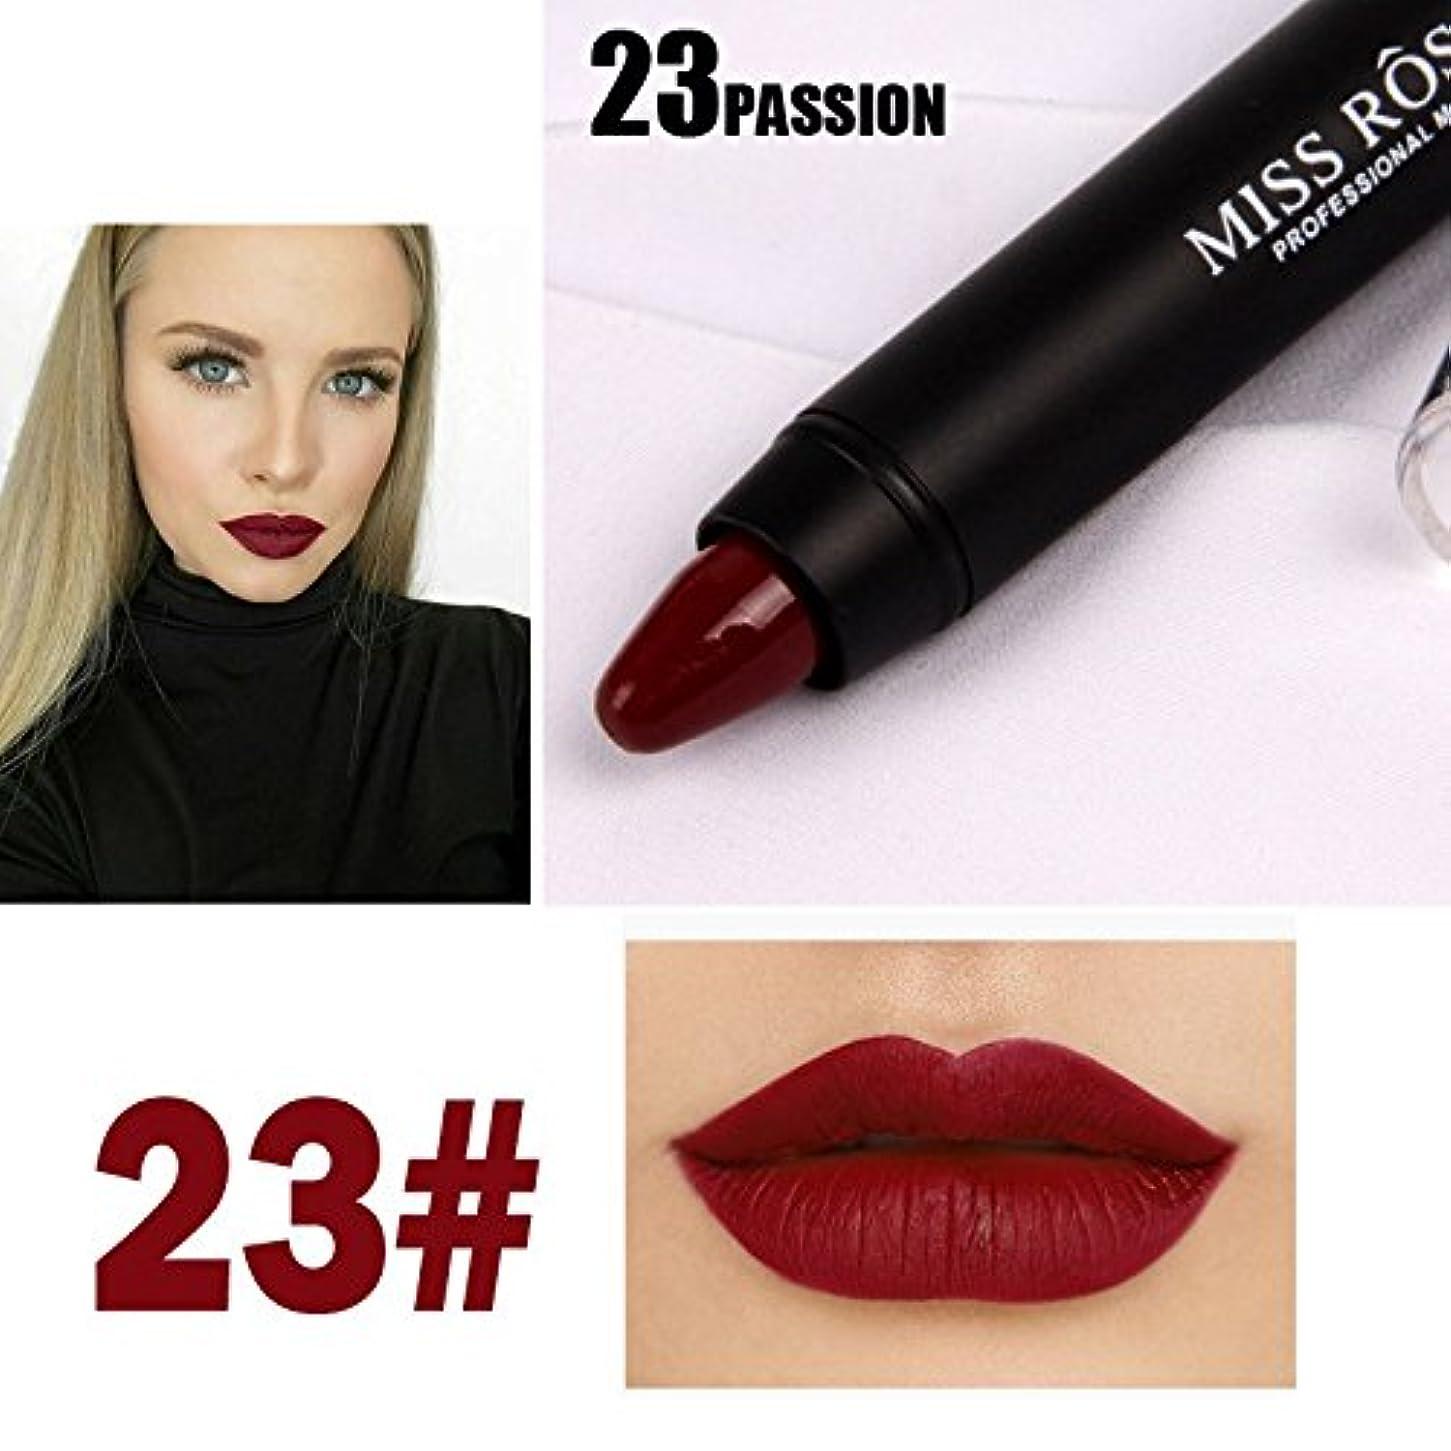 競争力のある部分的に小さなMISS ROSE Professional Women Waterproof Lipstick Lips Cream Beauty Lote Batom Matte Lipstick Nude Pencils Makeup